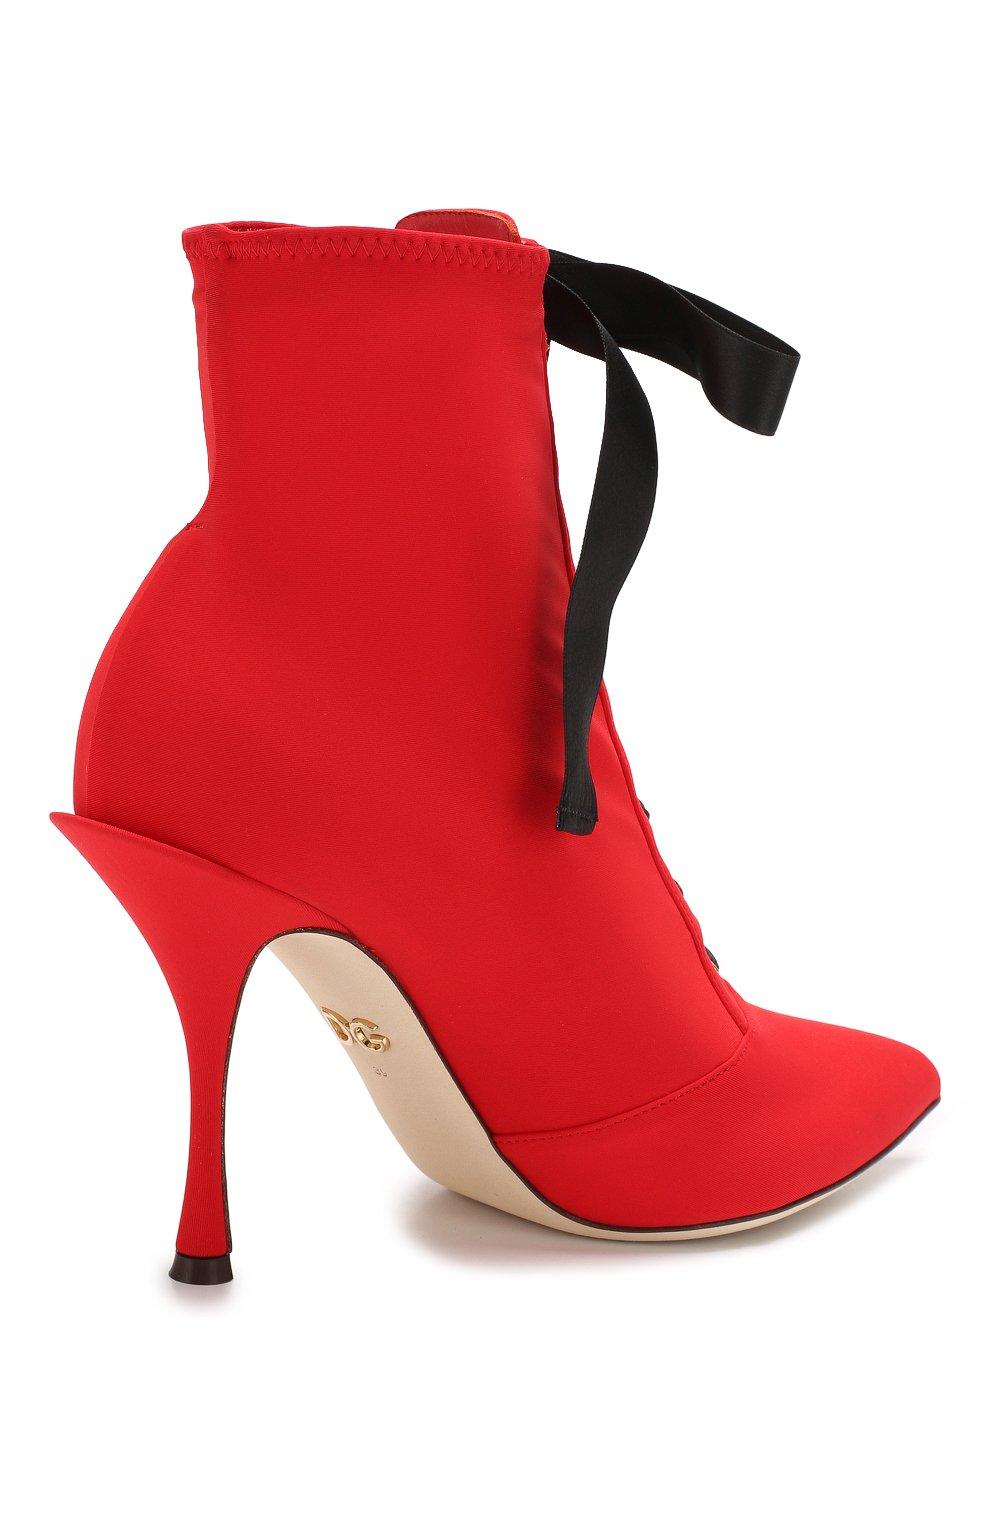 Текстильные ботильоны Lori на шпильке Dolce & Gabbana красные   Фото №4